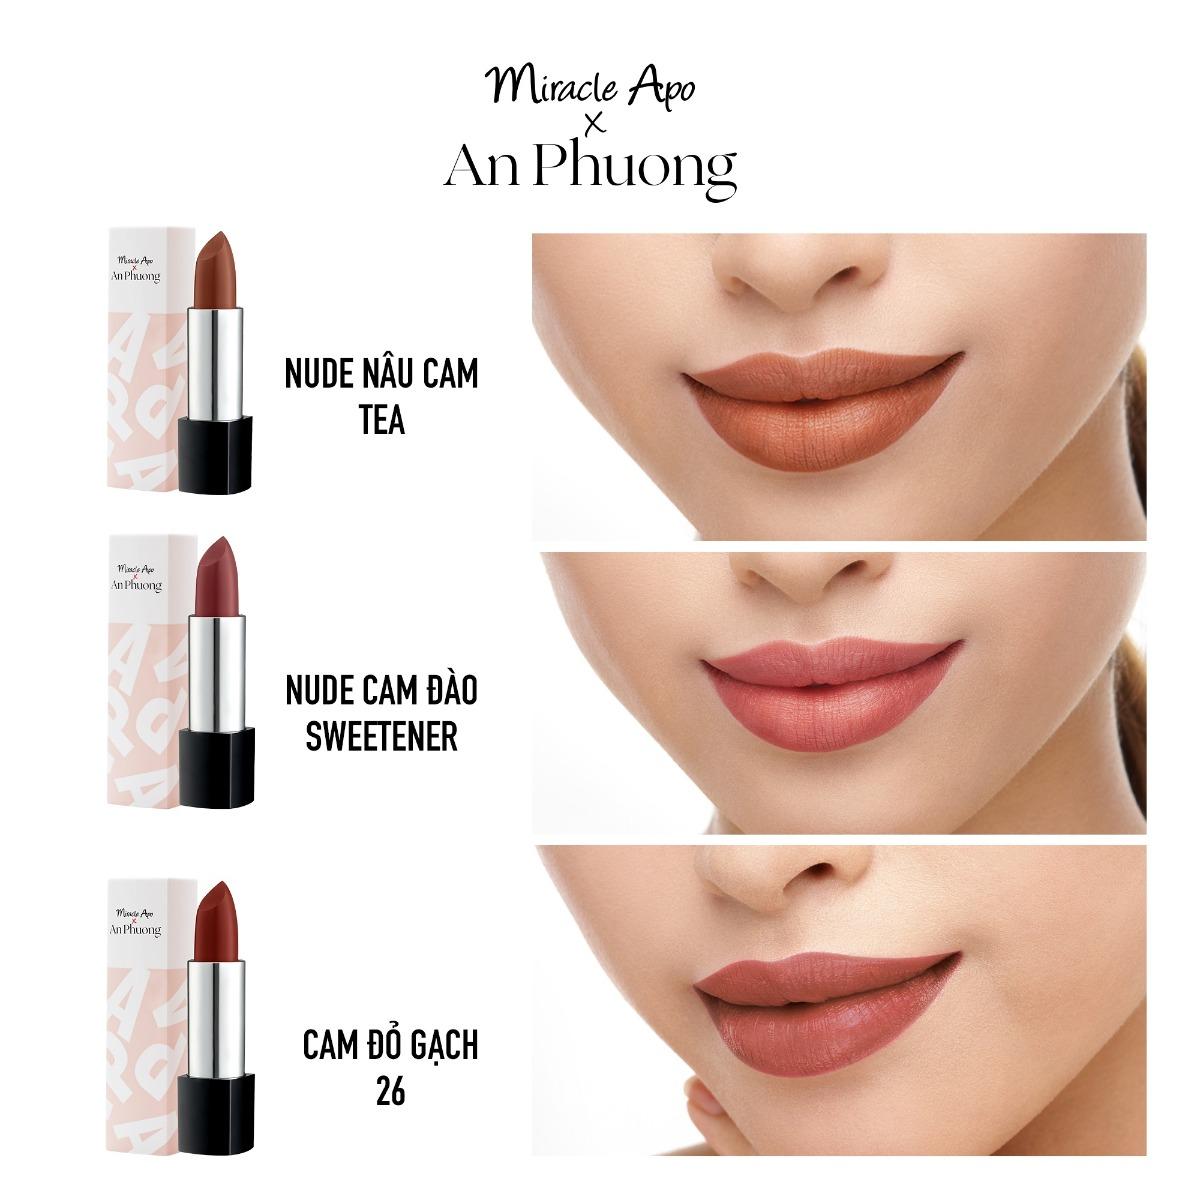 Son Thỏi Miracle Apo x An Phương Holiday Collection Lipstick bao gồm 3 tone màu